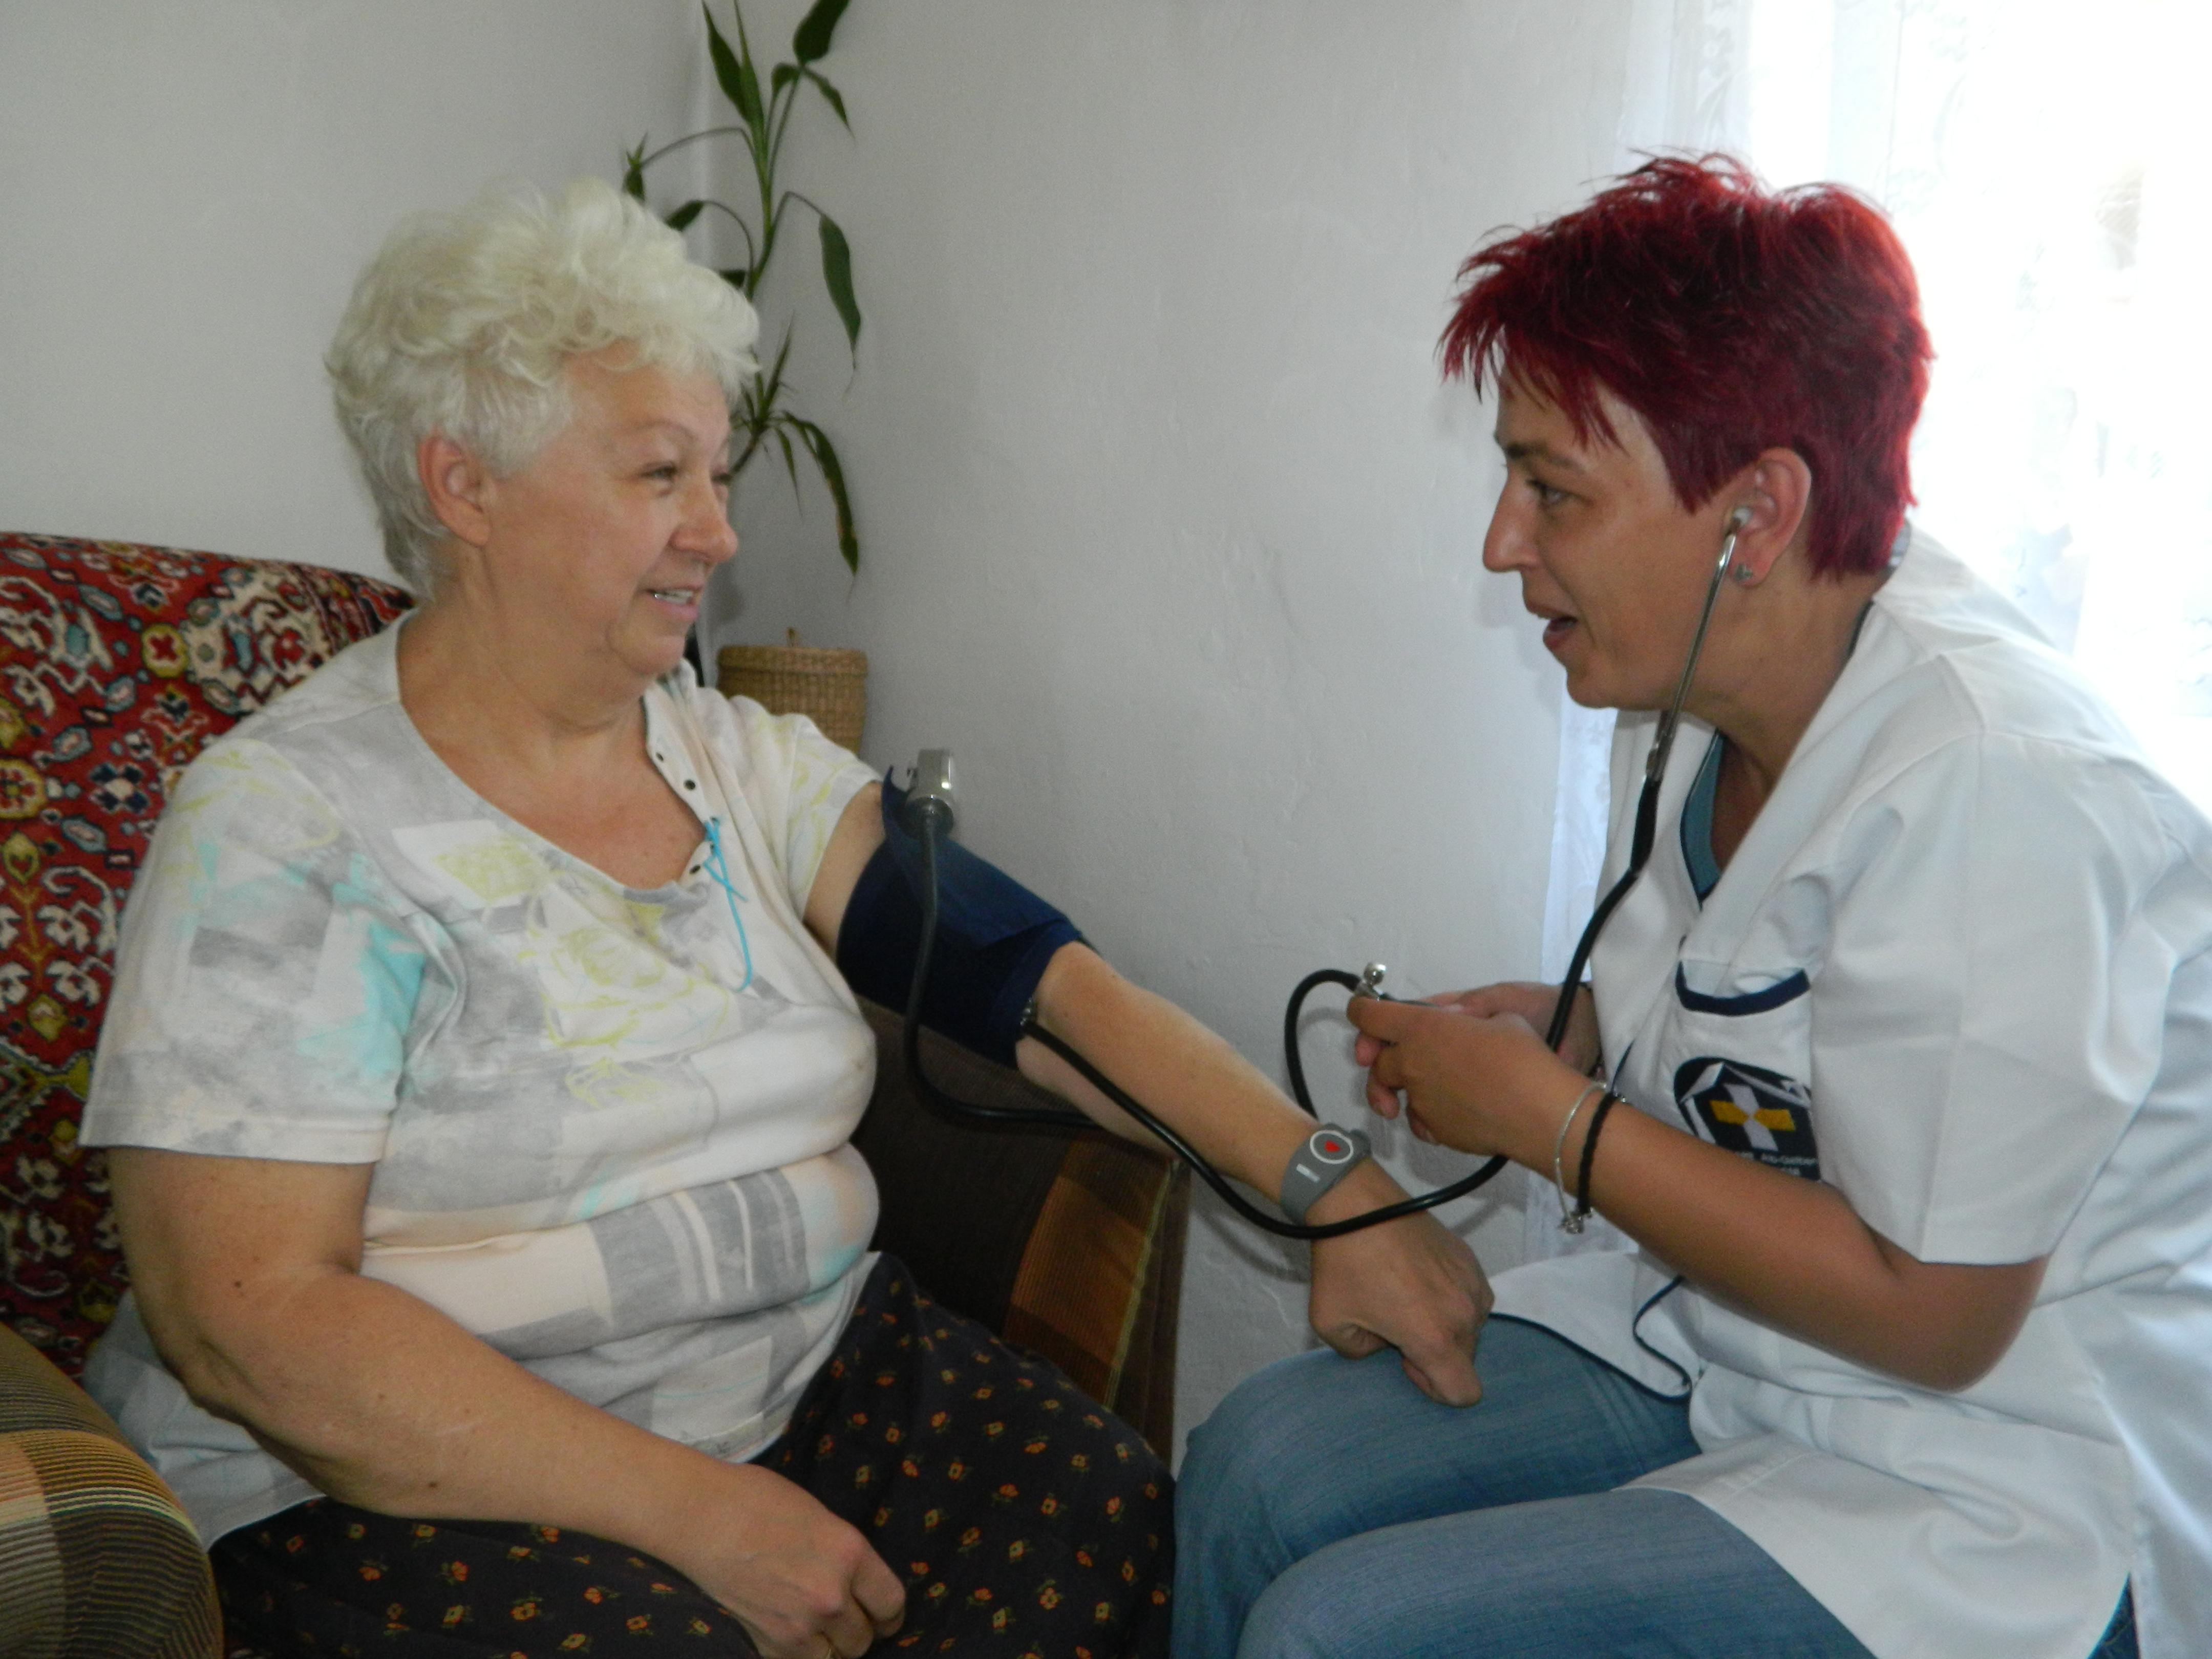 BUTONUL ROSU - Servicii integrate de ingrijiri sociomedicale la domiciliu monitorizate prin sistemul de teleasistenta si teleurgenta